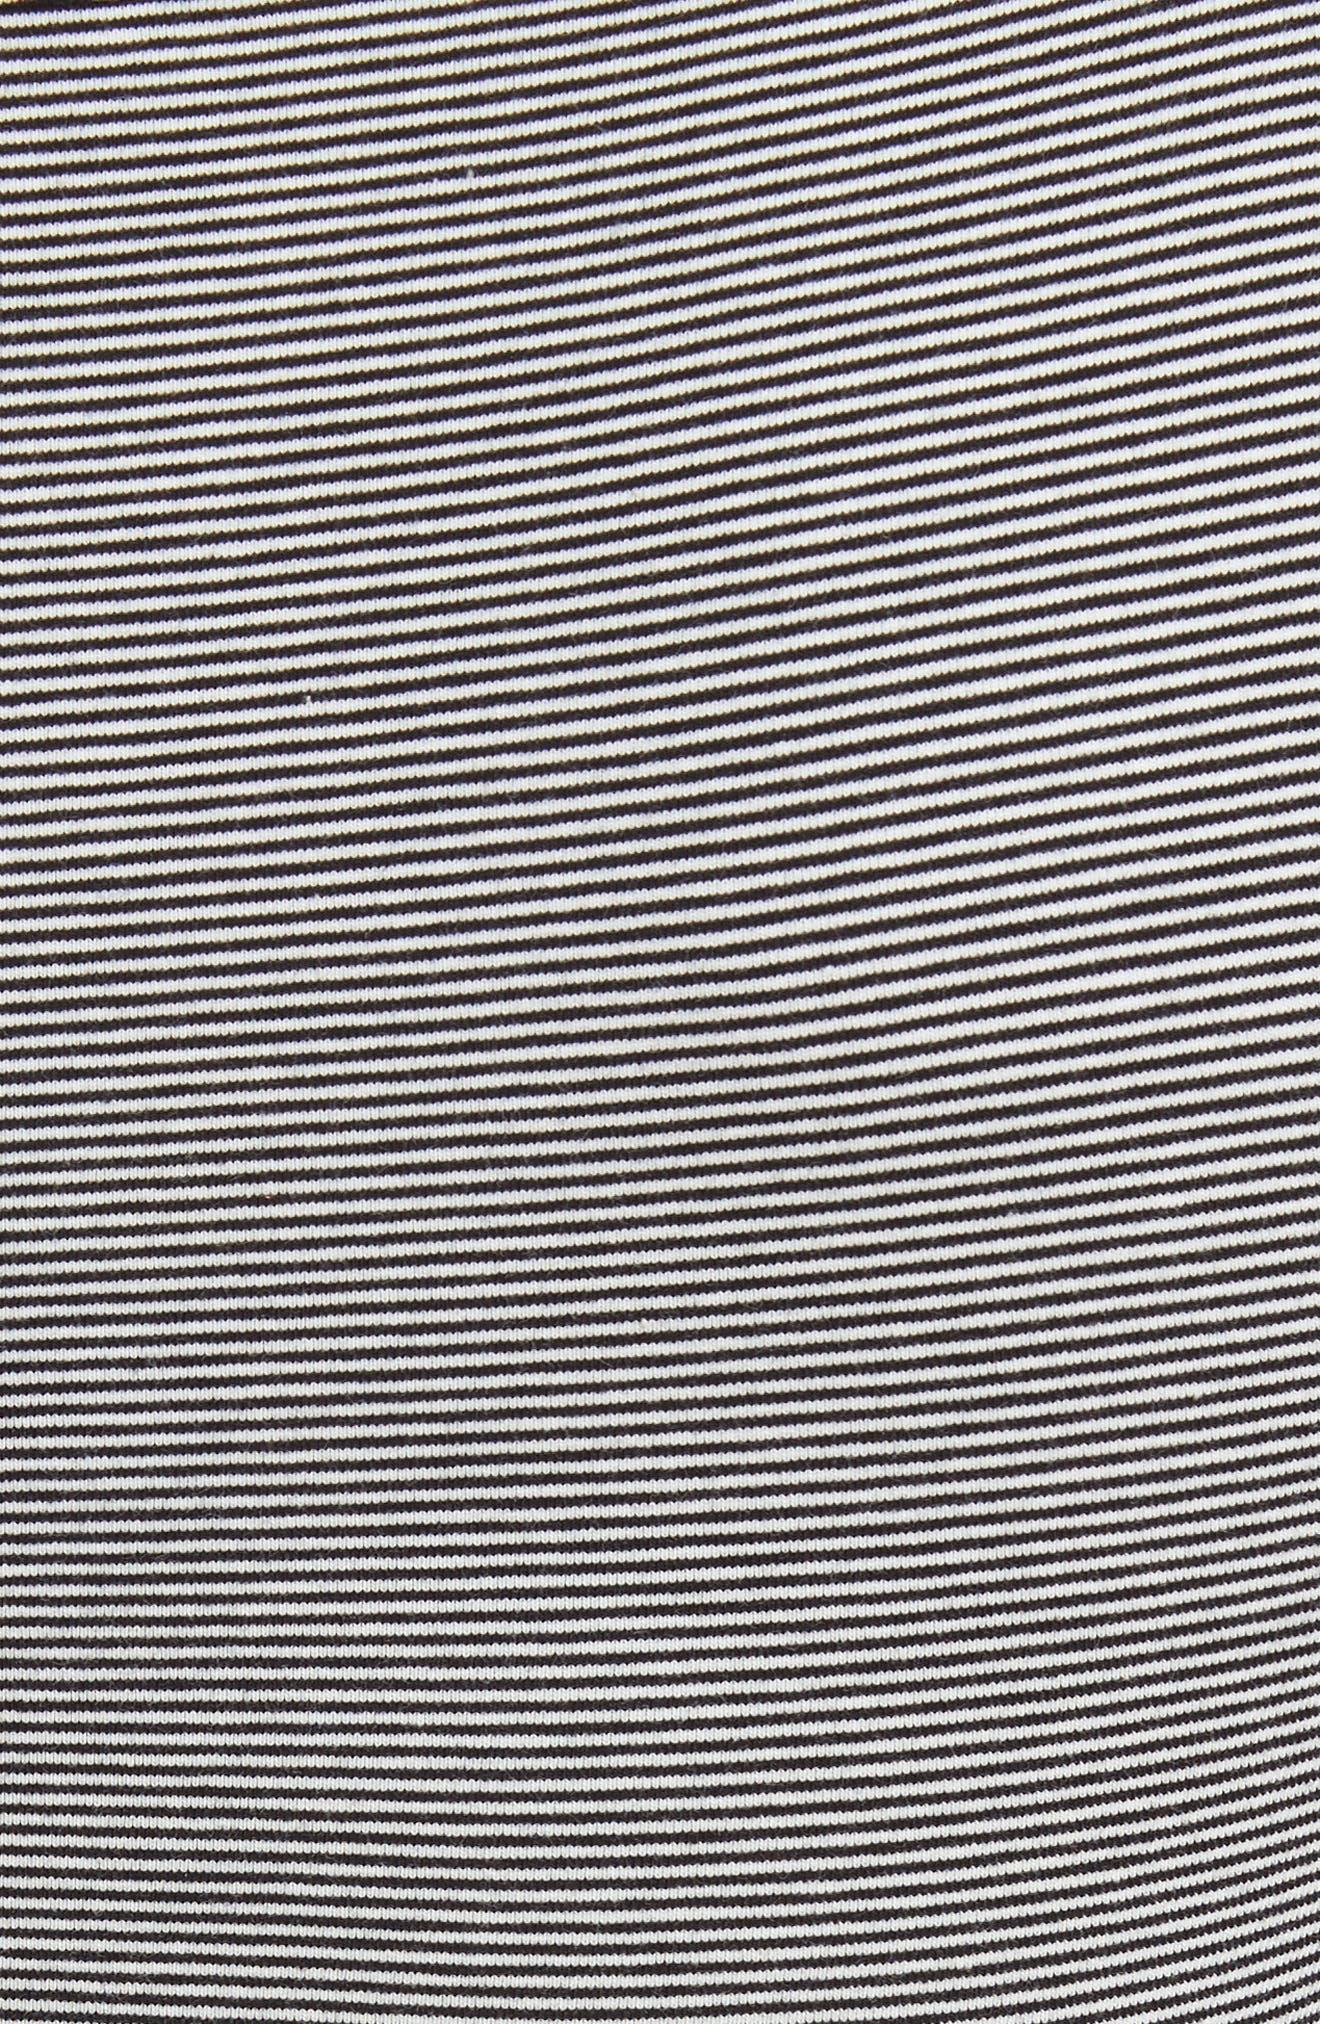 Penelope Ruffle Tee,                             Alternate thumbnail 5, color,                             001